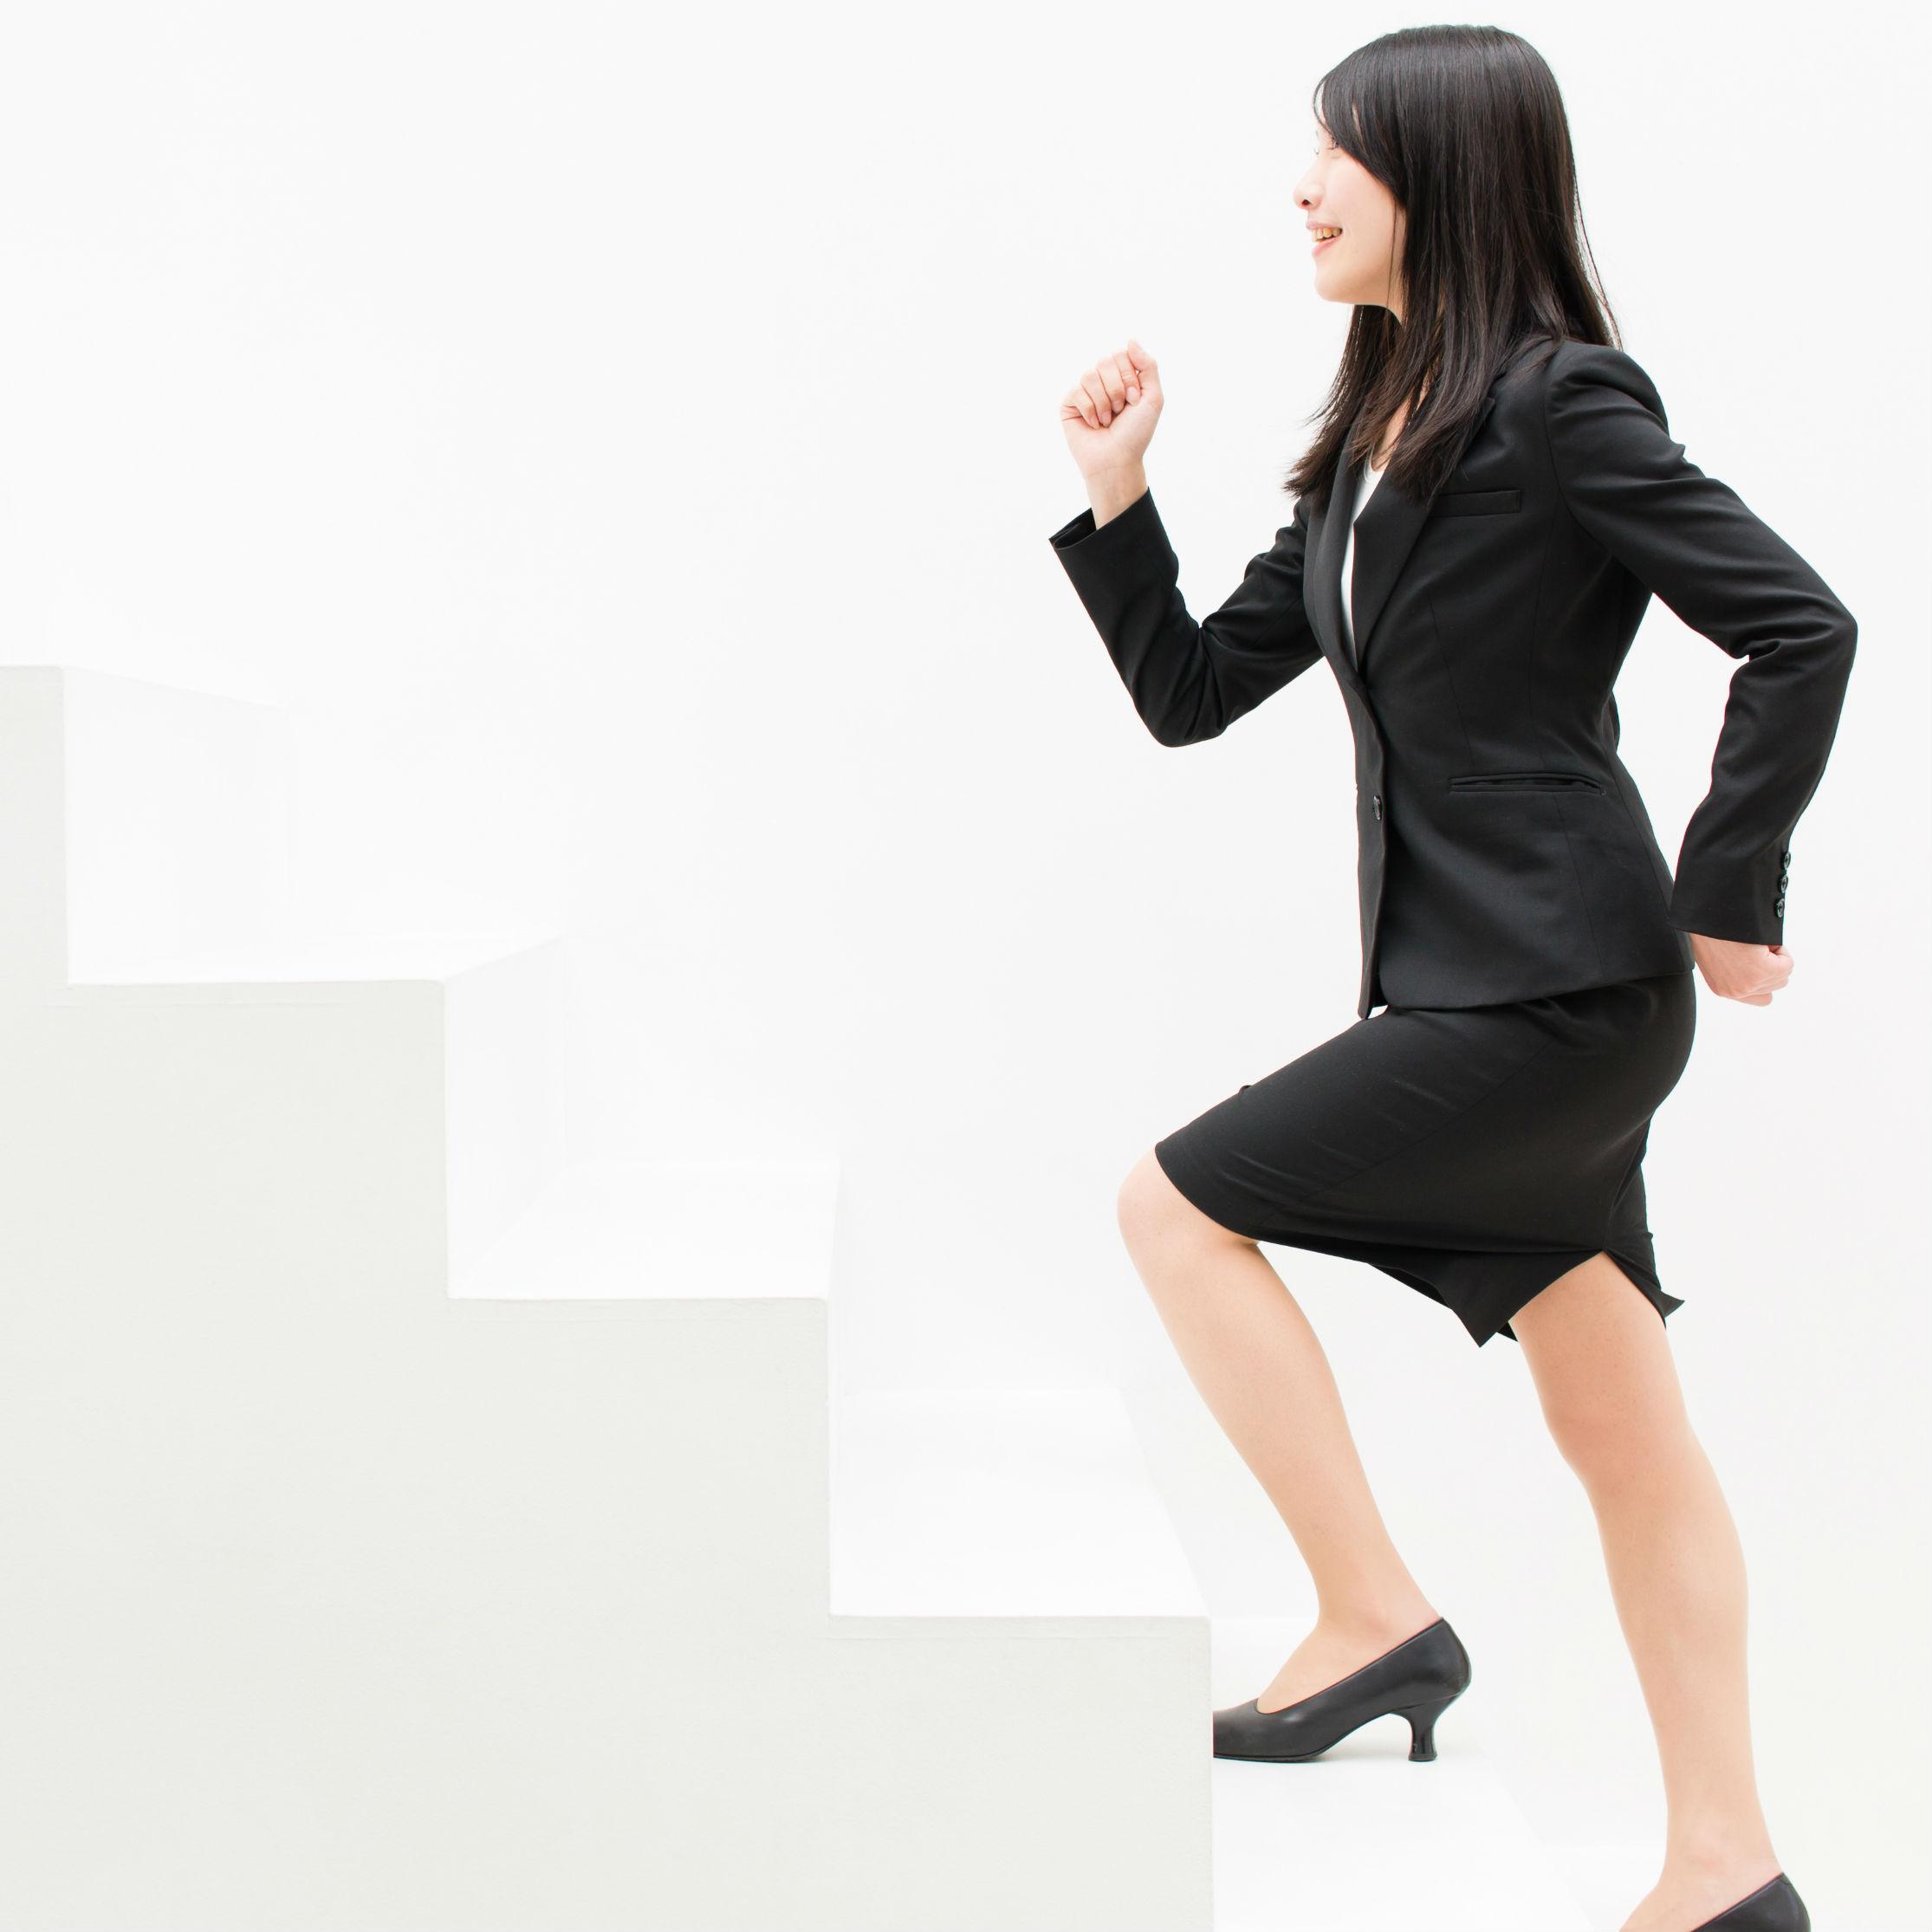 エステティシャンは将来性のある仕事であり、安心して働ける業界です。